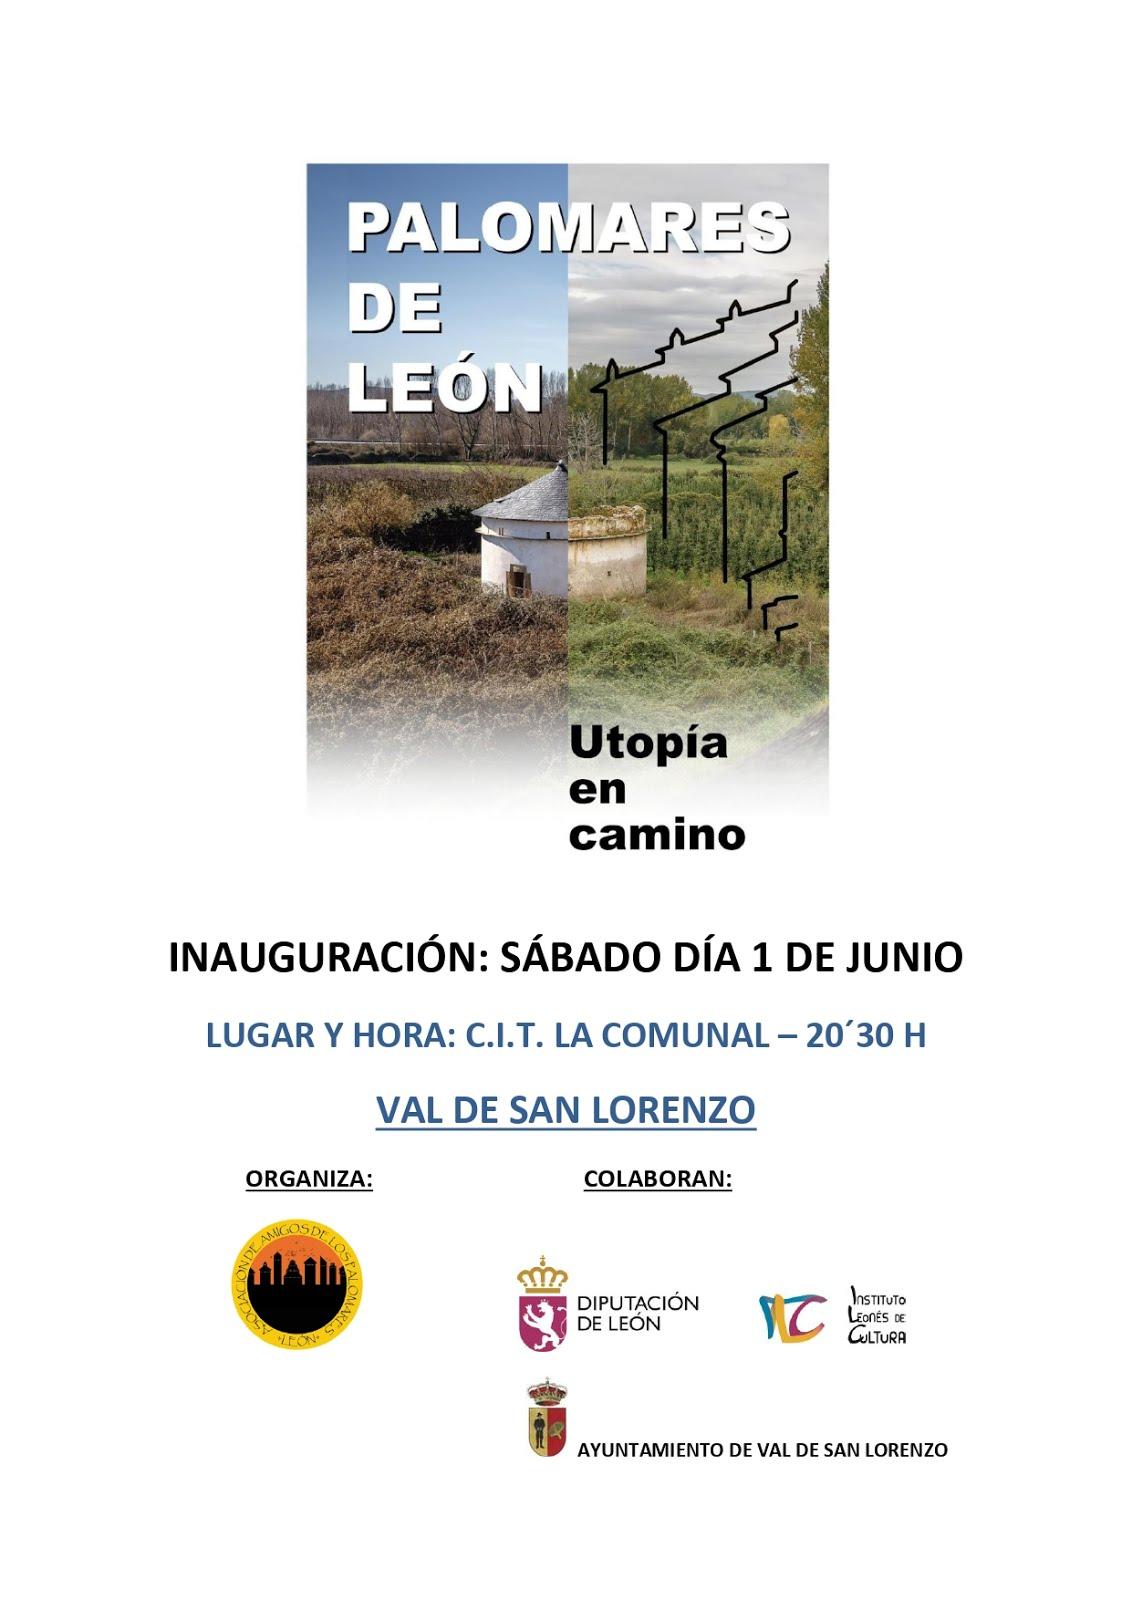 Palomares de León. Utopía en Camino en el Museo Textil La Comunal